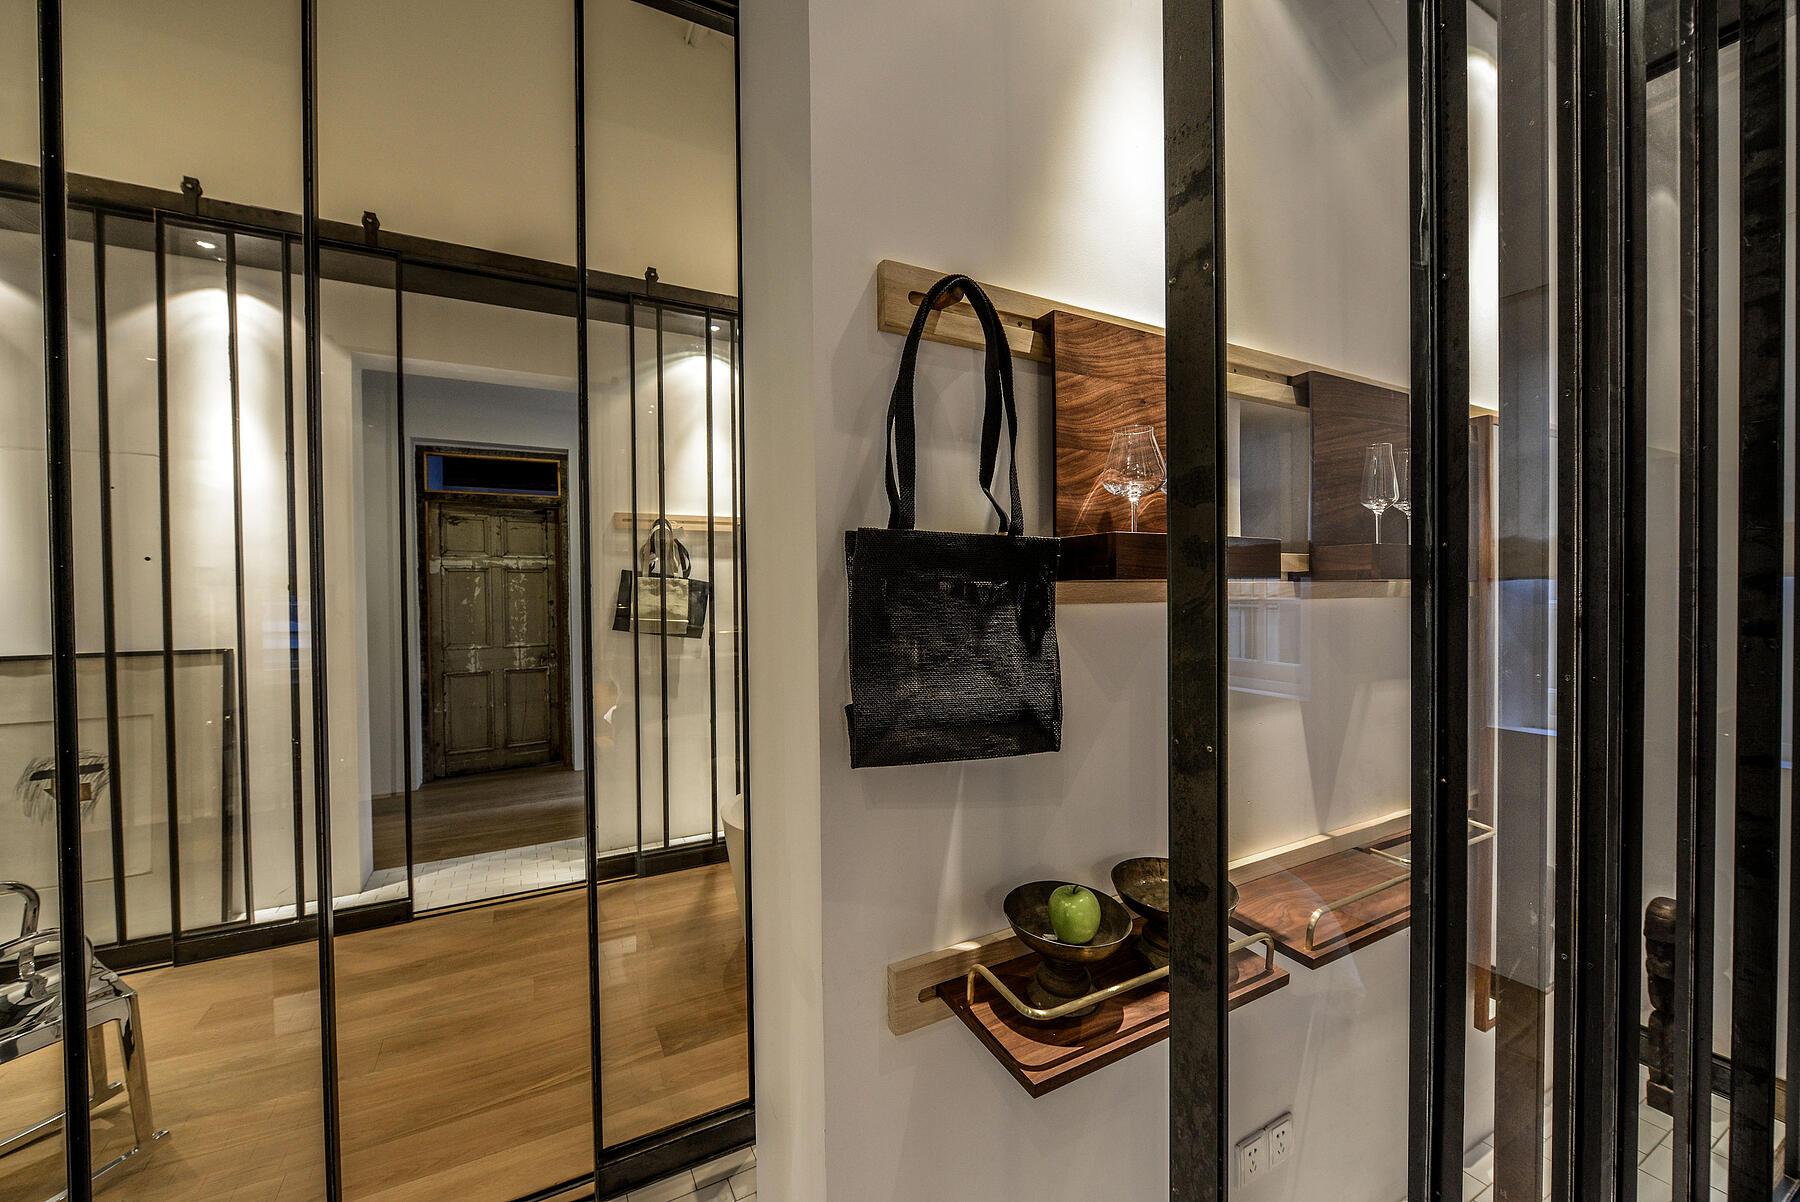 Neri hu design republic home for Design republic